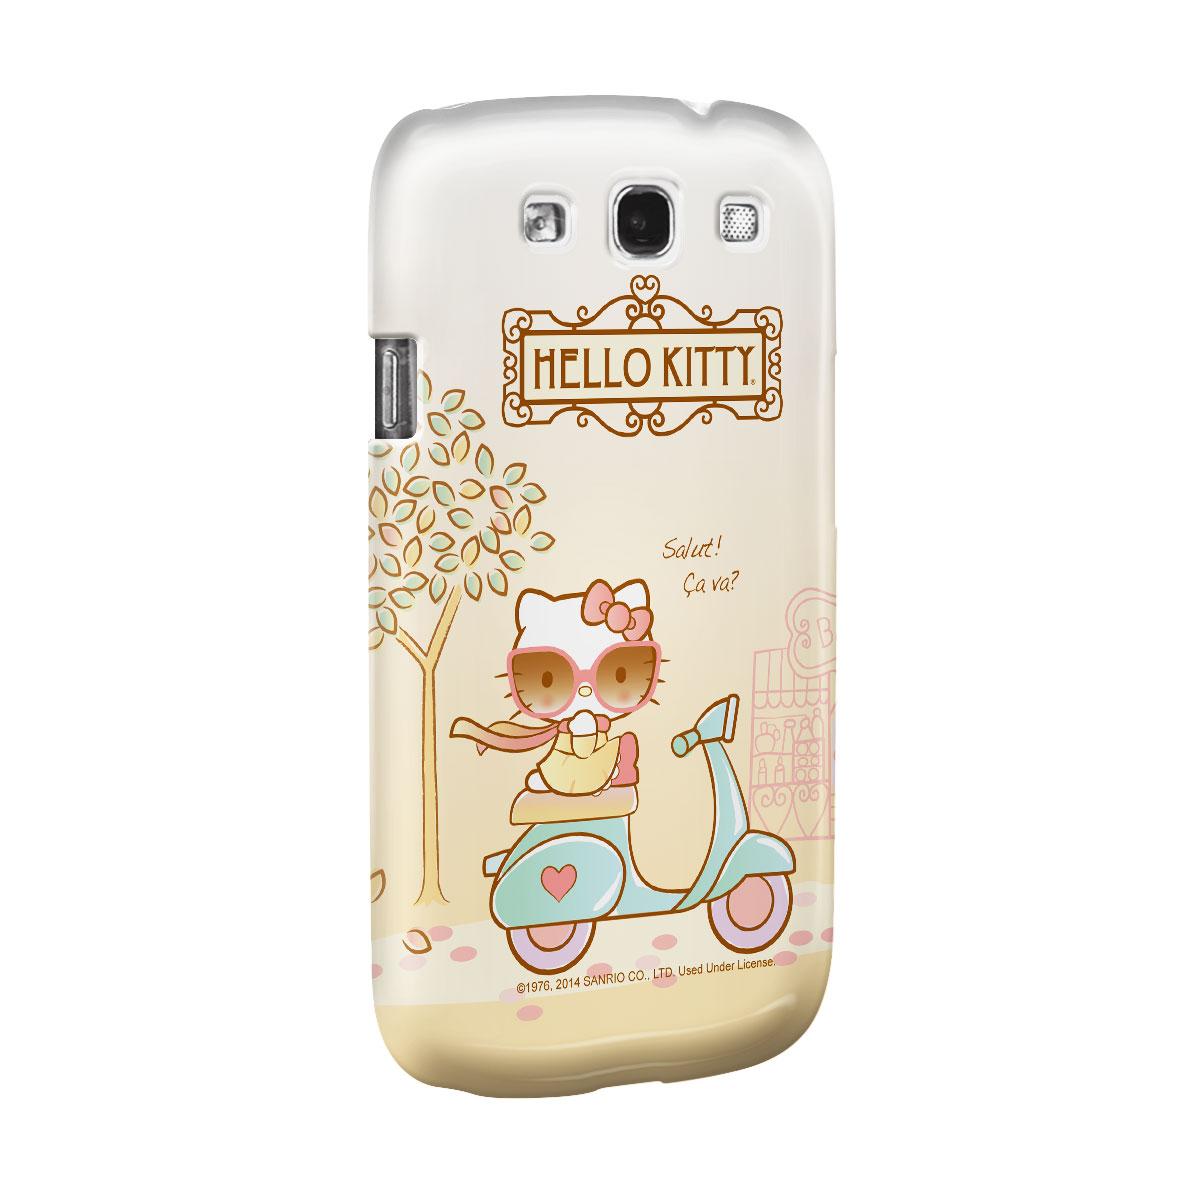 Capa de Celular Samsung S3 Hello Kitty Salut! �a Va?